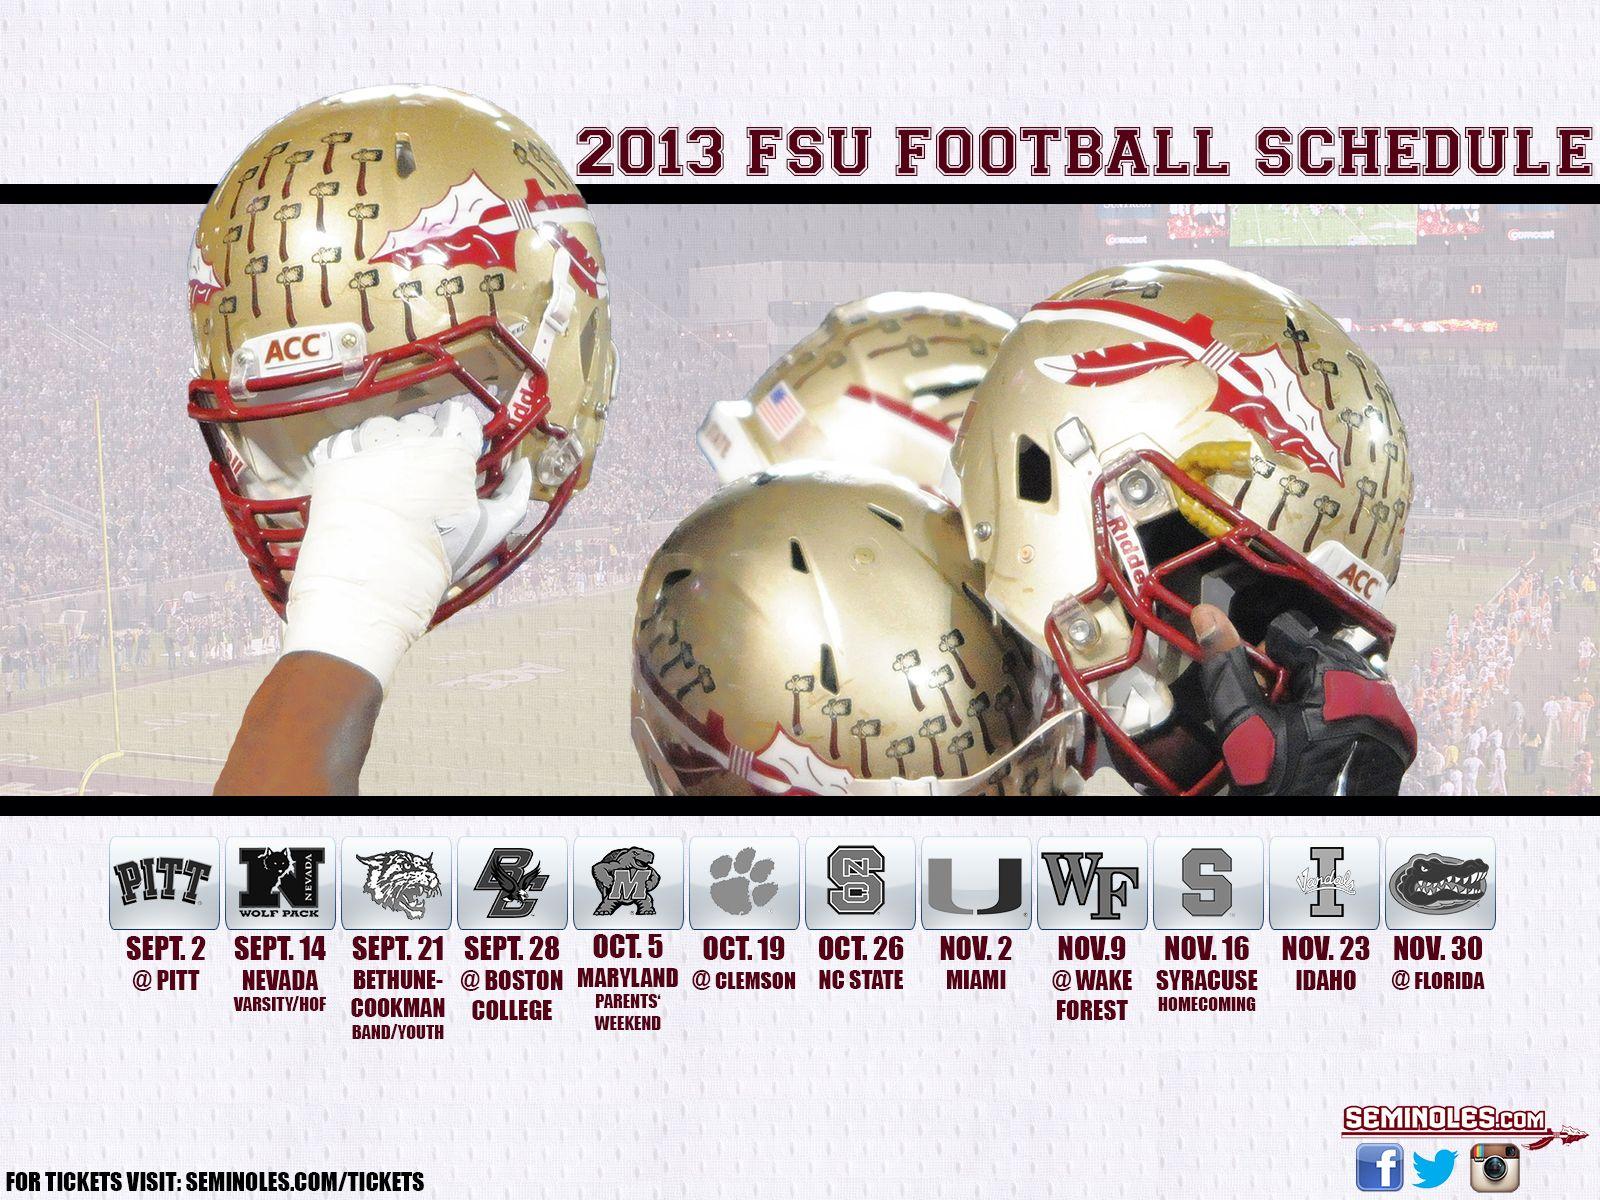 2013 Fsu Schedule R U Ready For Some Football Noles